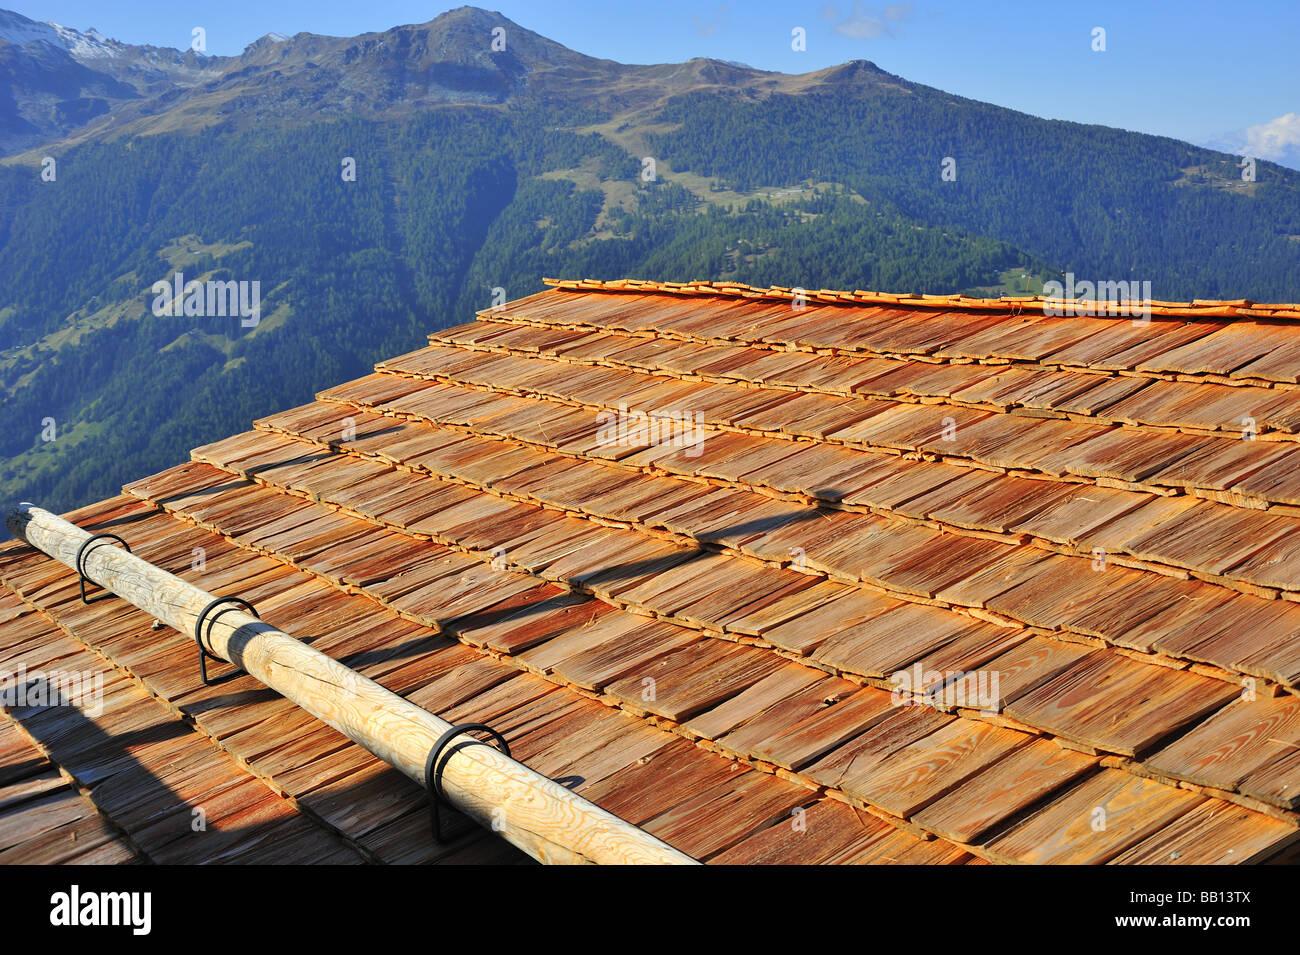 Tradizionalmente-tetto di tegole in Svizzera mediante scuote in legno come tegole del tetto. Il legno è uno Immagini Stock